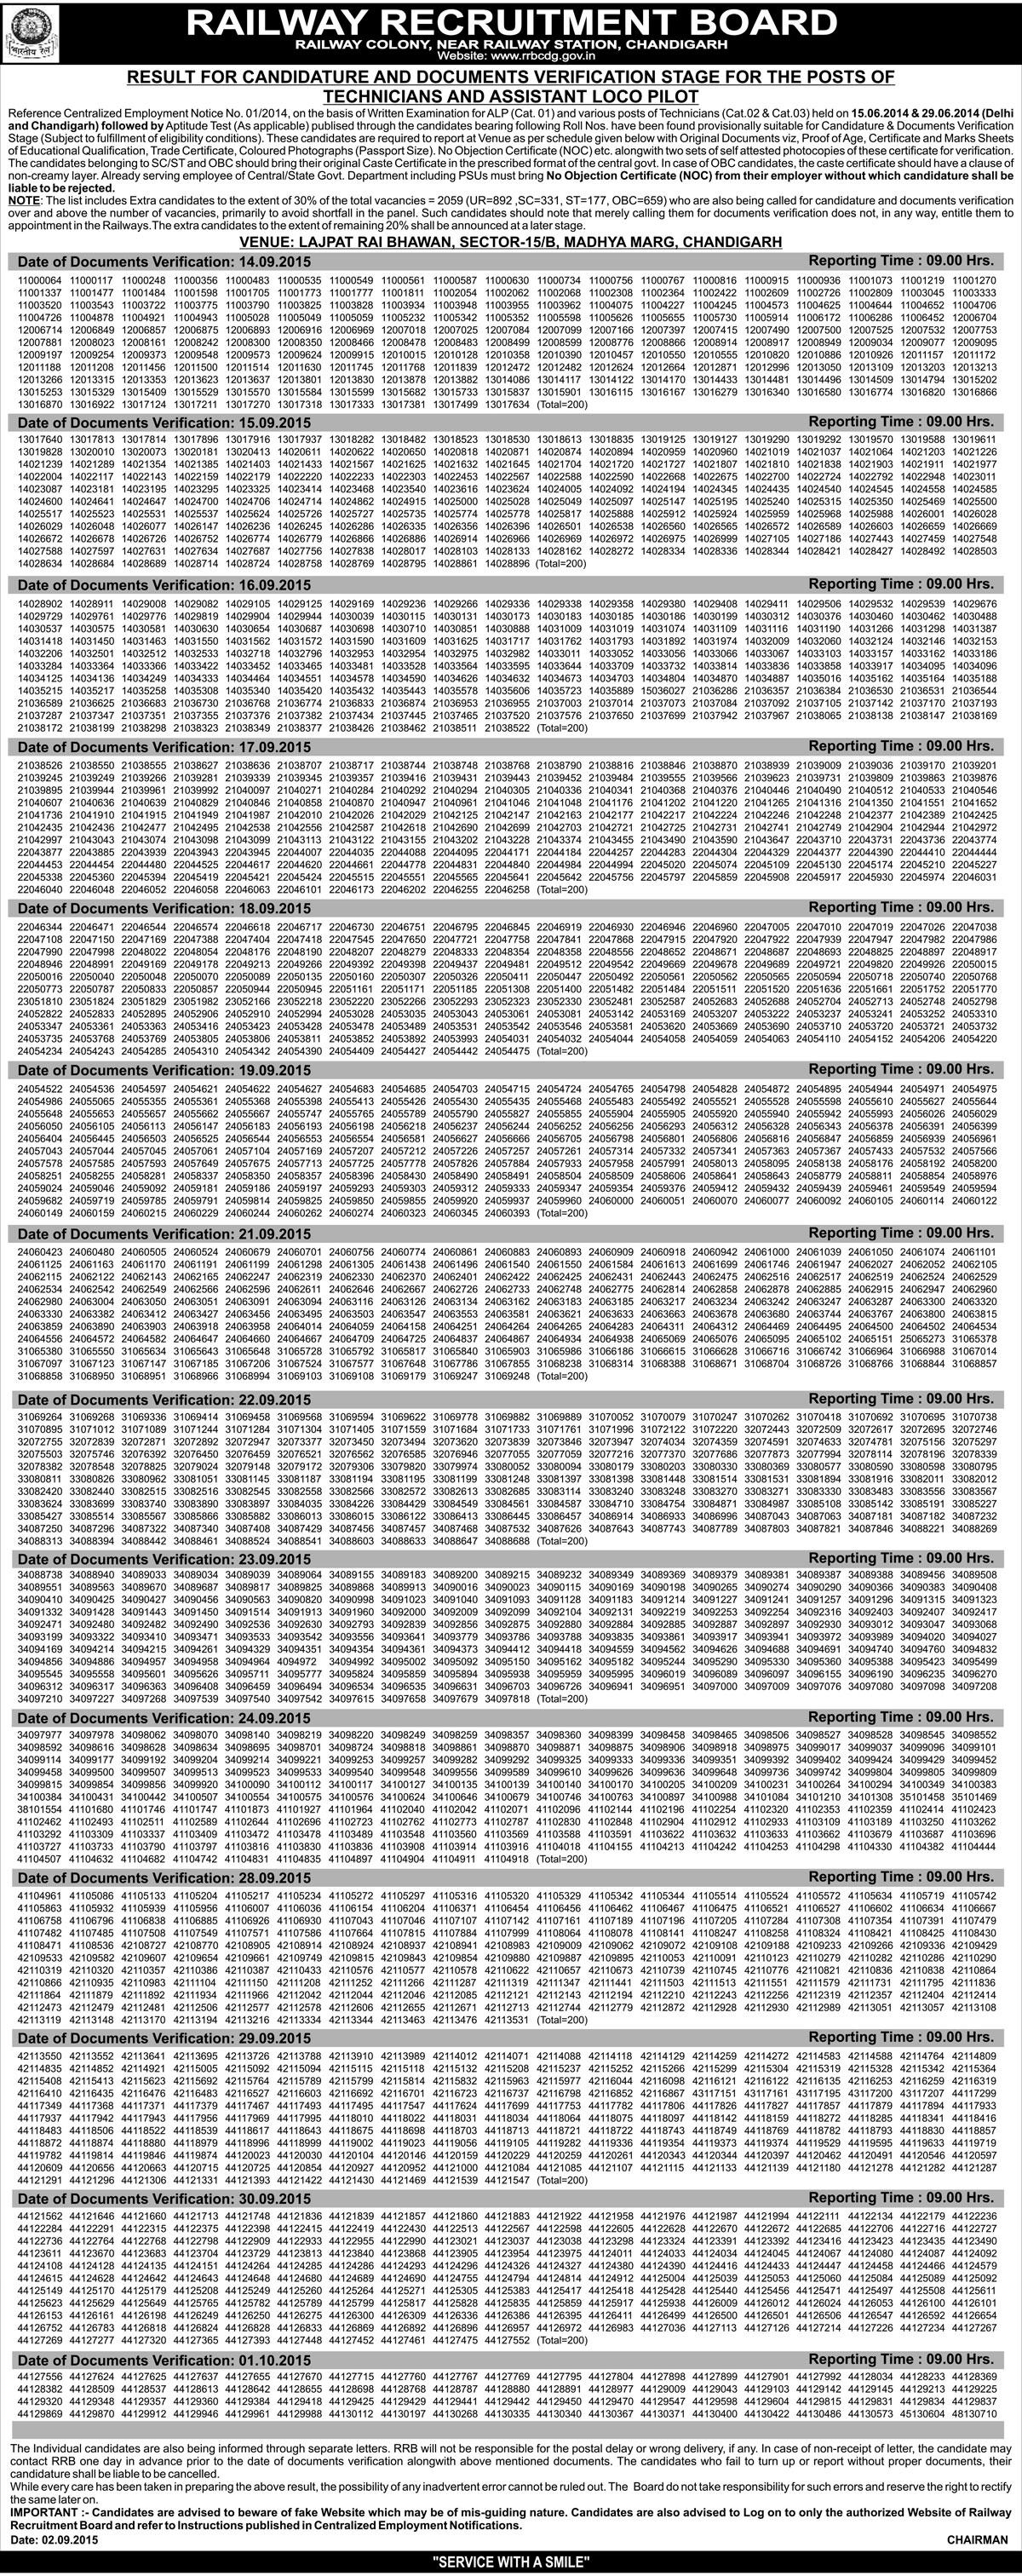 results rh rrbcdg gov in 012015ny 012044-1bcr